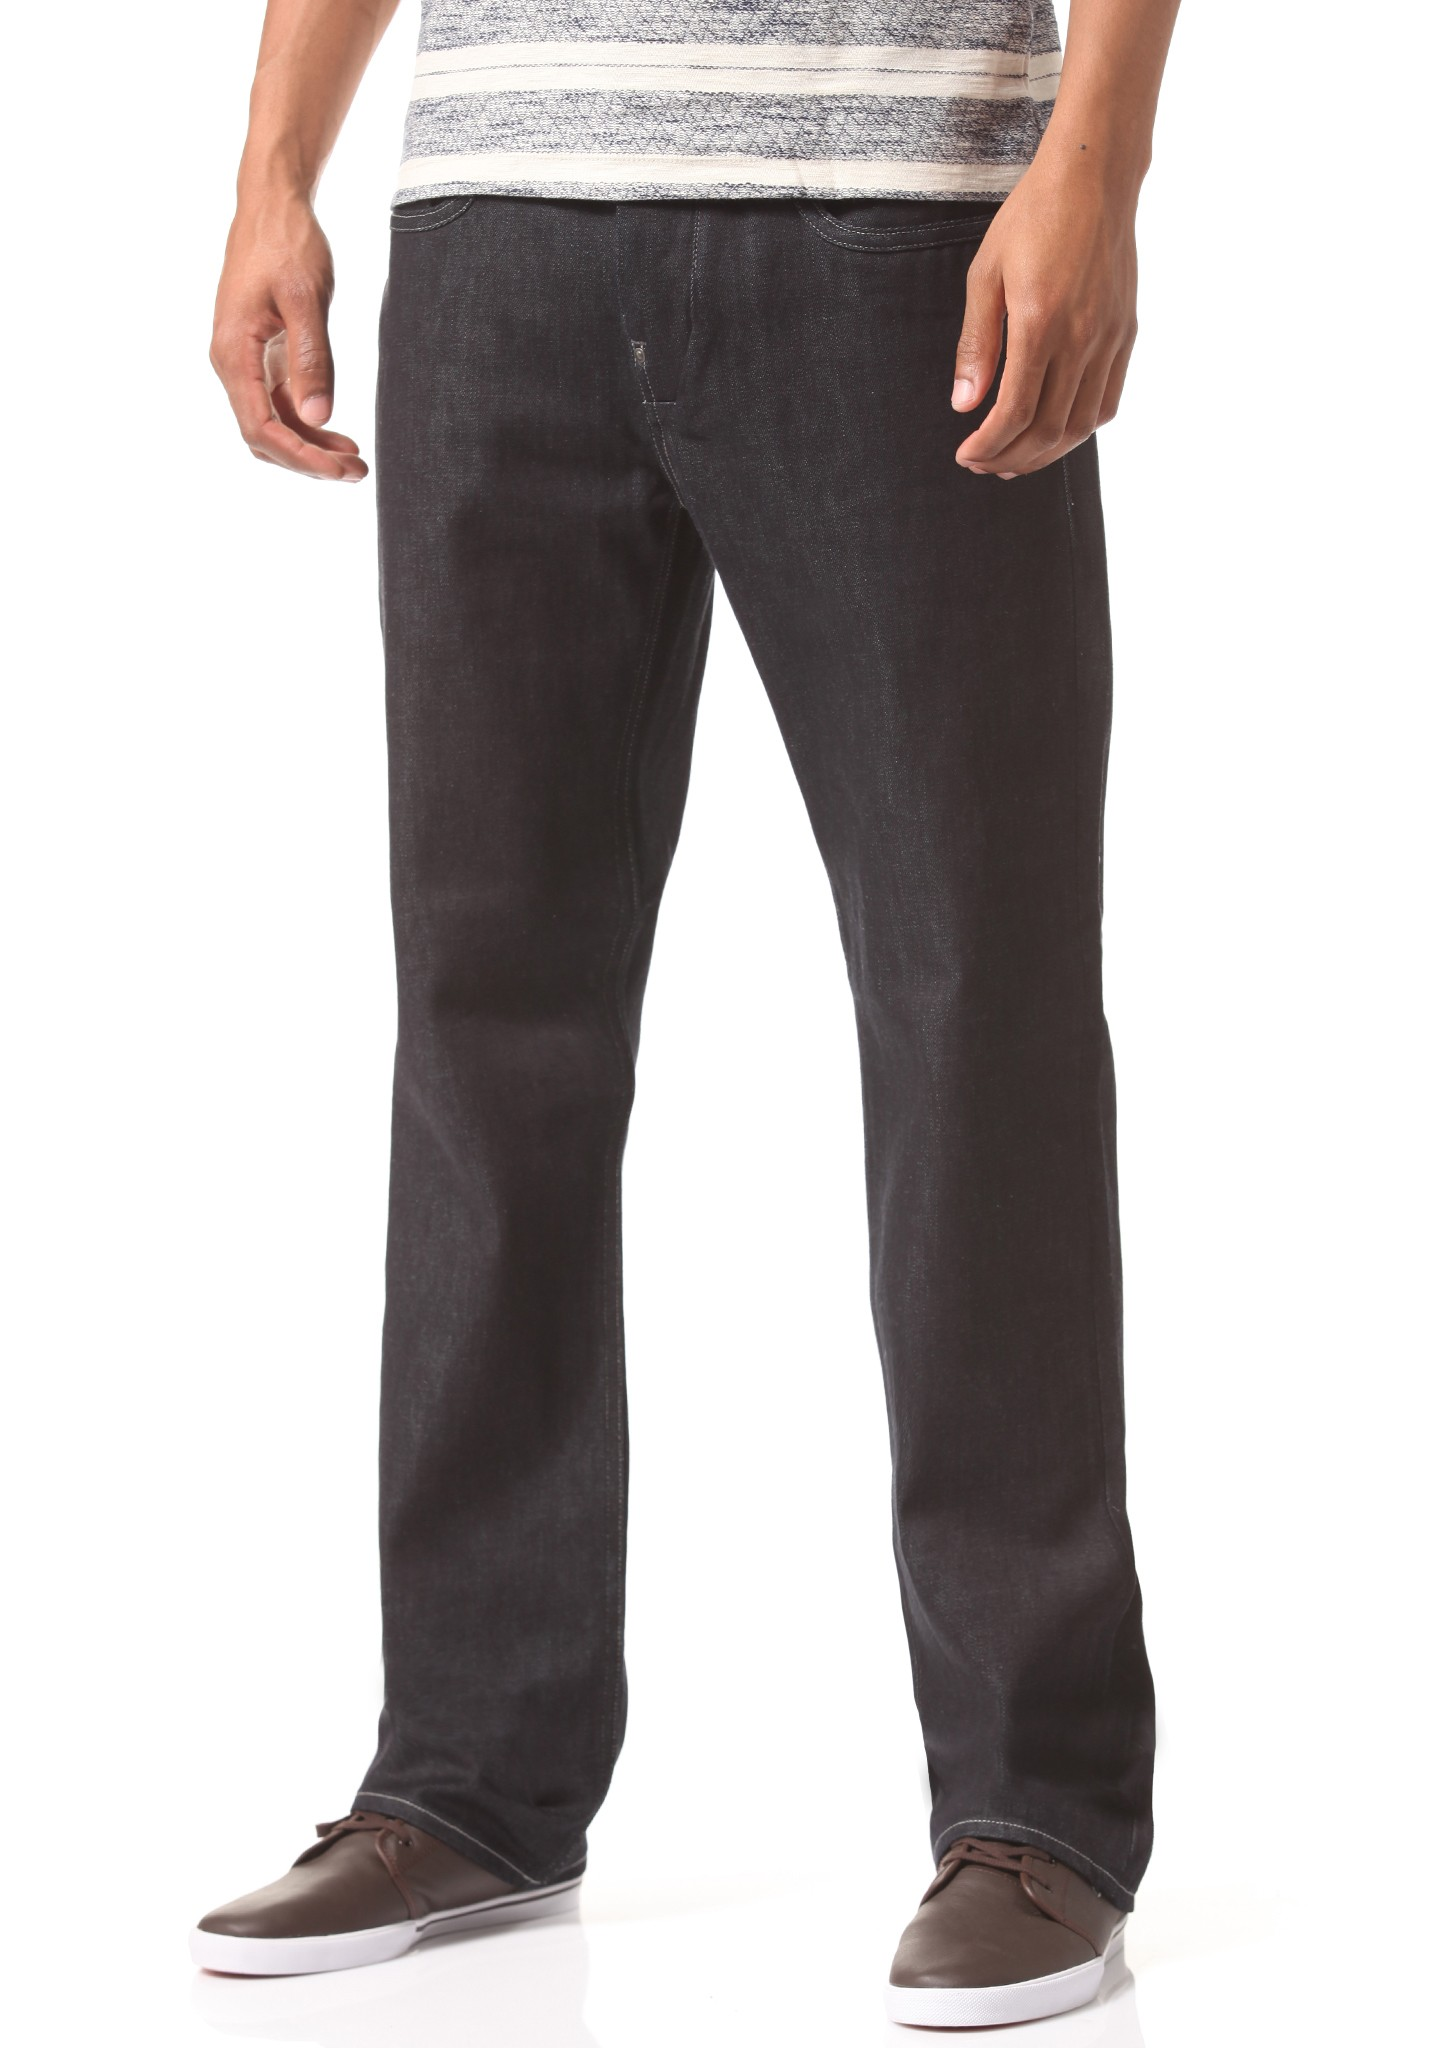 neu g star defend loose herren jeans hose ebay. Black Bedroom Furniture Sets. Home Design Ideas